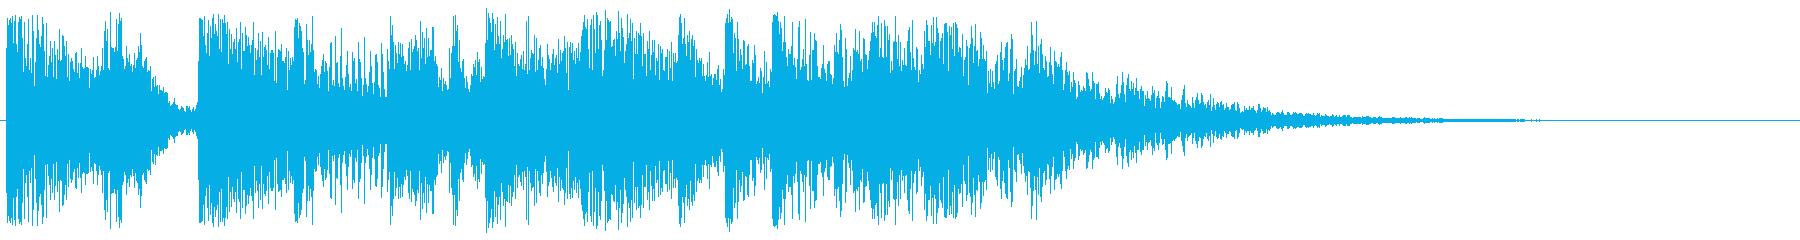 コミカルで落ち着きのないワルツ調ジングルの再生済みの波形